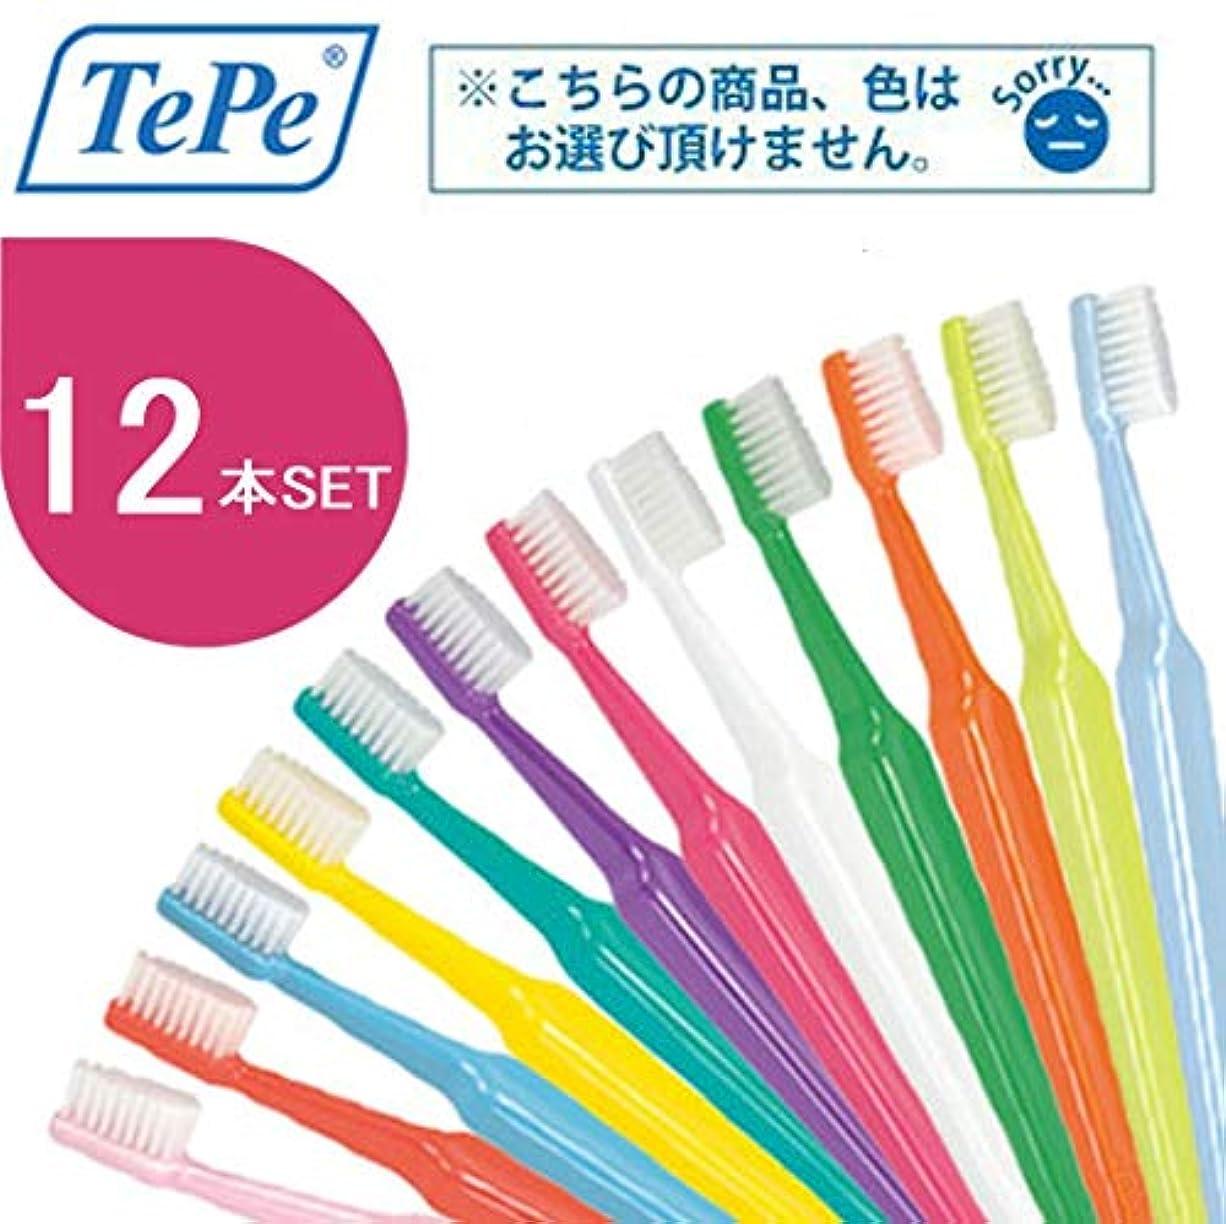 アリス値するマイクロプロセッサクロスフィールド TePe テペ セレクト 歯ブラシ 12本 (エクストラソフト)